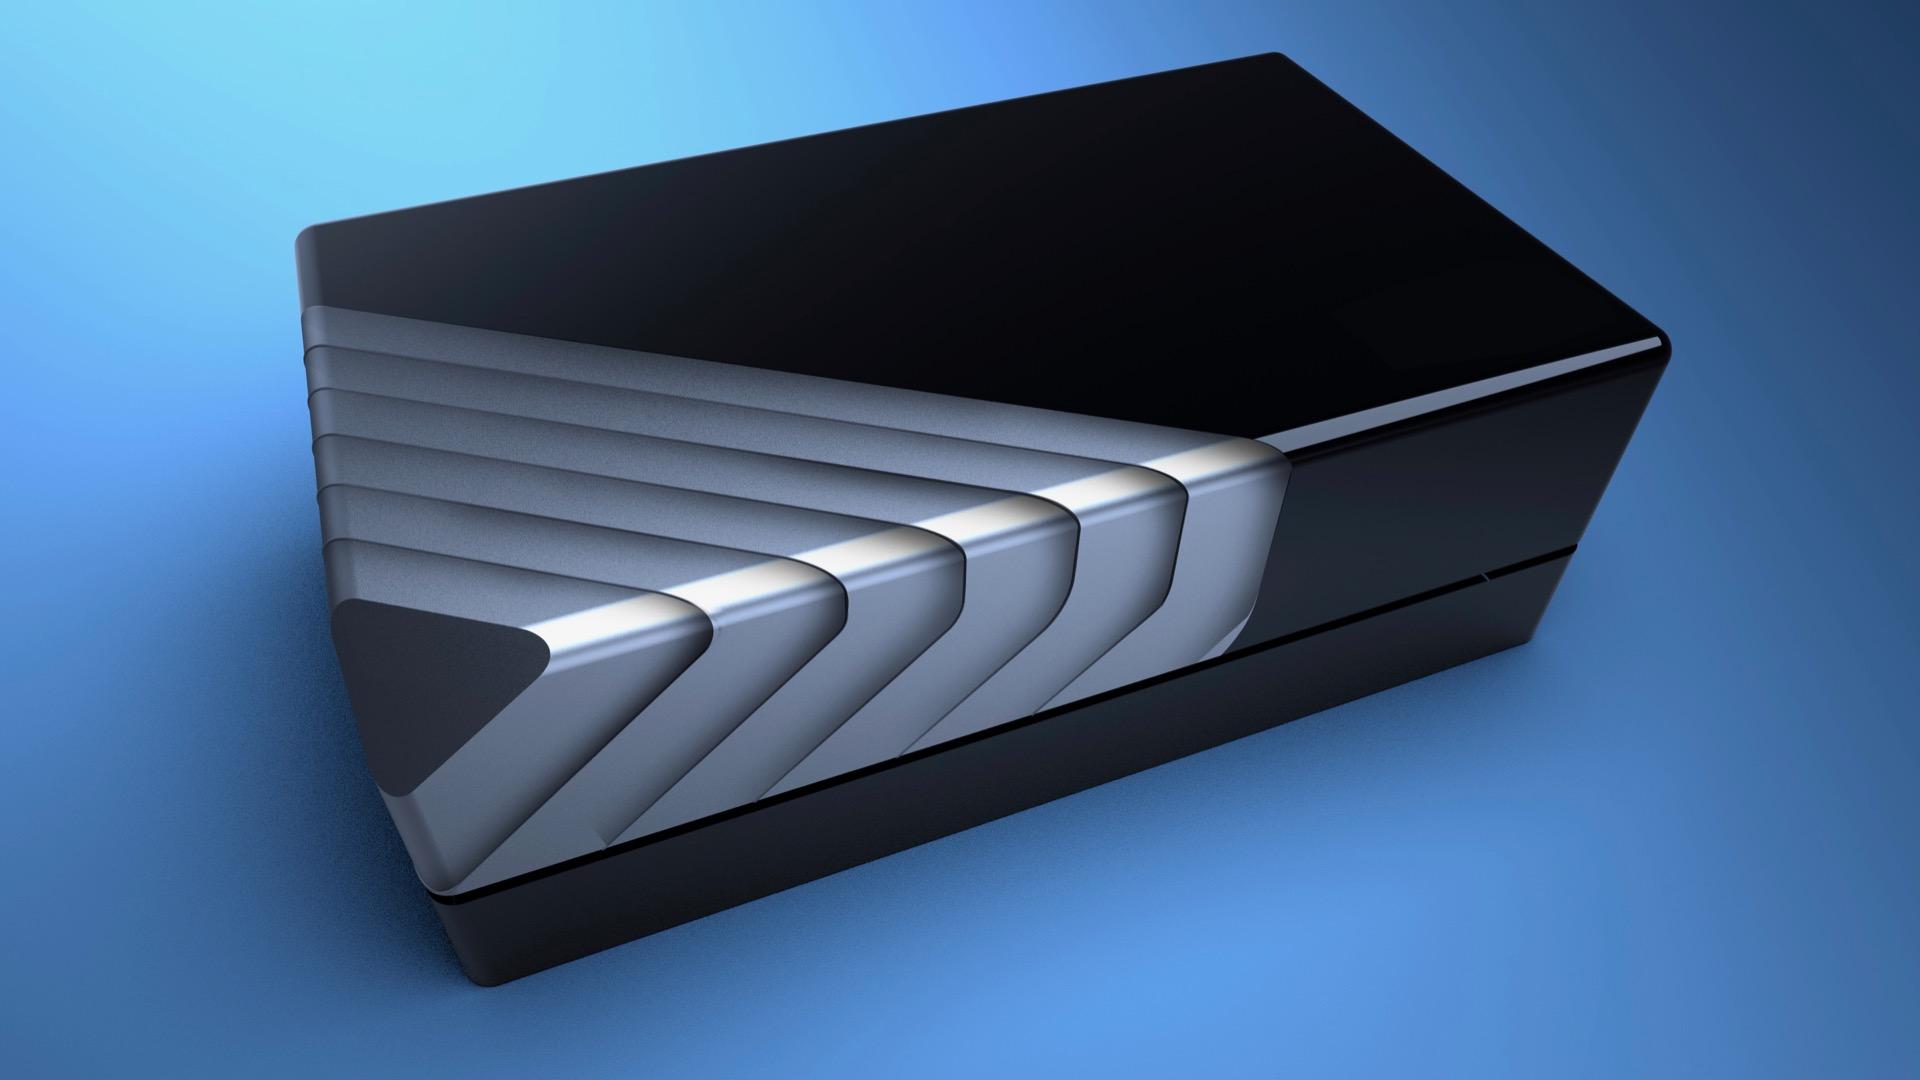 A függőleges kialakítású üzemanyagcella-egység 60 kW teljesítményű, 247 kilogramm, a vízszintes elrendezésű 80 kilowattos, 238 kilogrammos. A moduláris egységek szabadabb kezet adnak a tervezőknek nemcsak elhelyezés, de funkciók különválasztása szempontjából is, mint például, világítás, fűtés-klimatizálás, féklevegő-kompresszor stb.